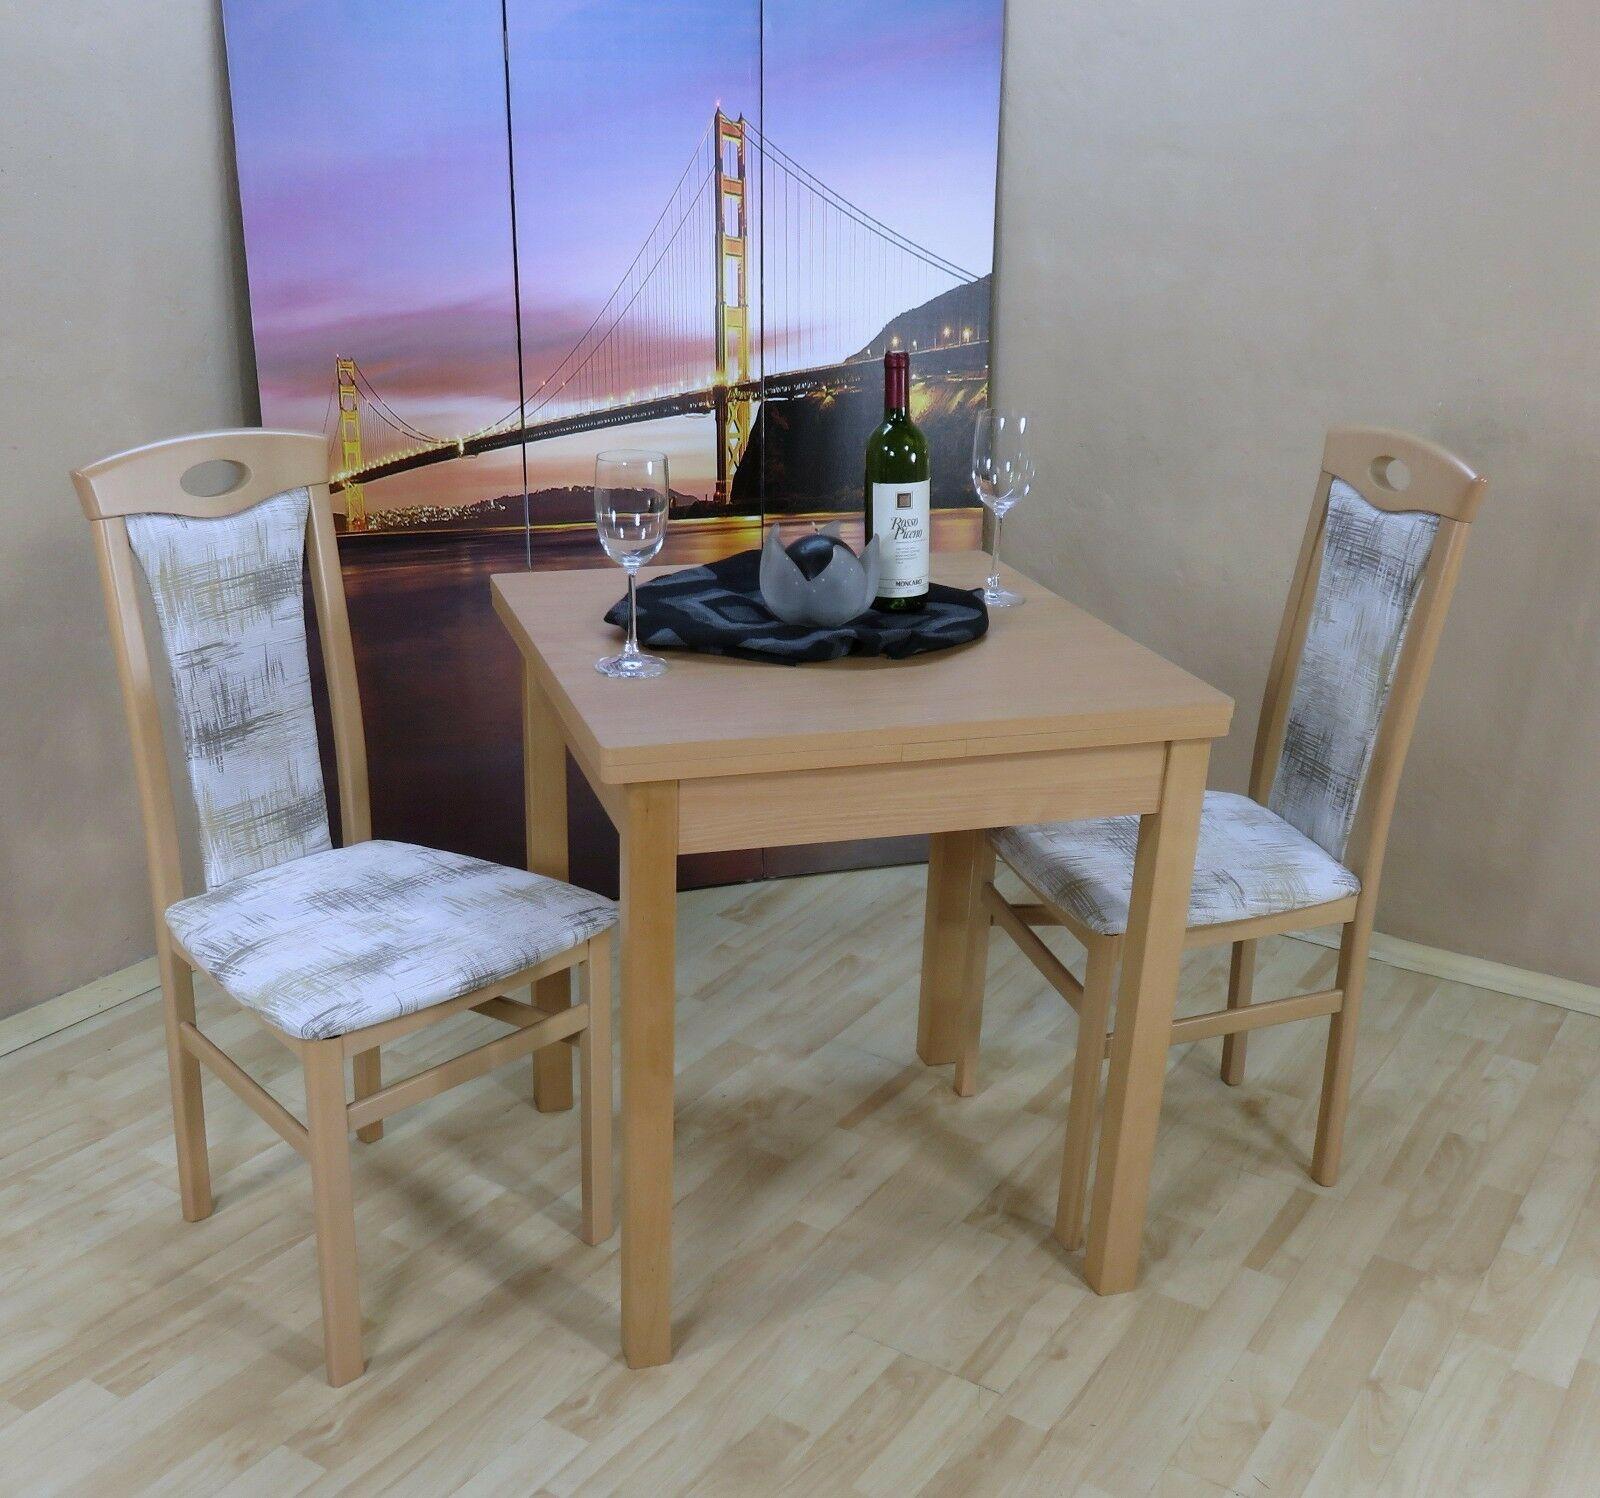 Gemeinsame Tischgruppe Buche natur Essgruppe 2 Stühle Esstisch ausziehbar &VS_31